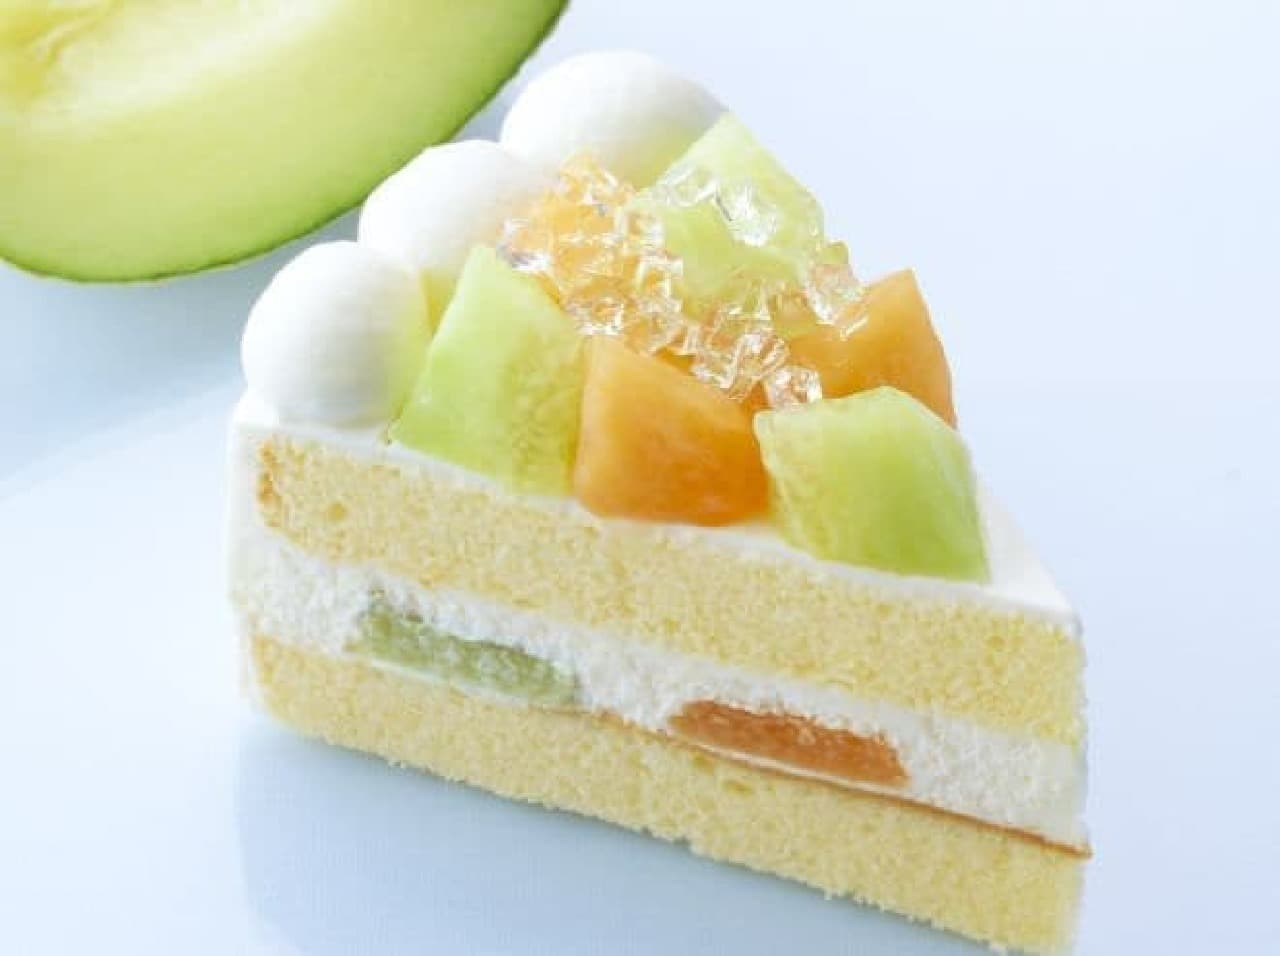 「贅沢ダブルメロンショート」は、さっぱりした味わいの青肉メロンとマイルドな甘みの赤肉メロンを贅沢に使用したショートケーキ